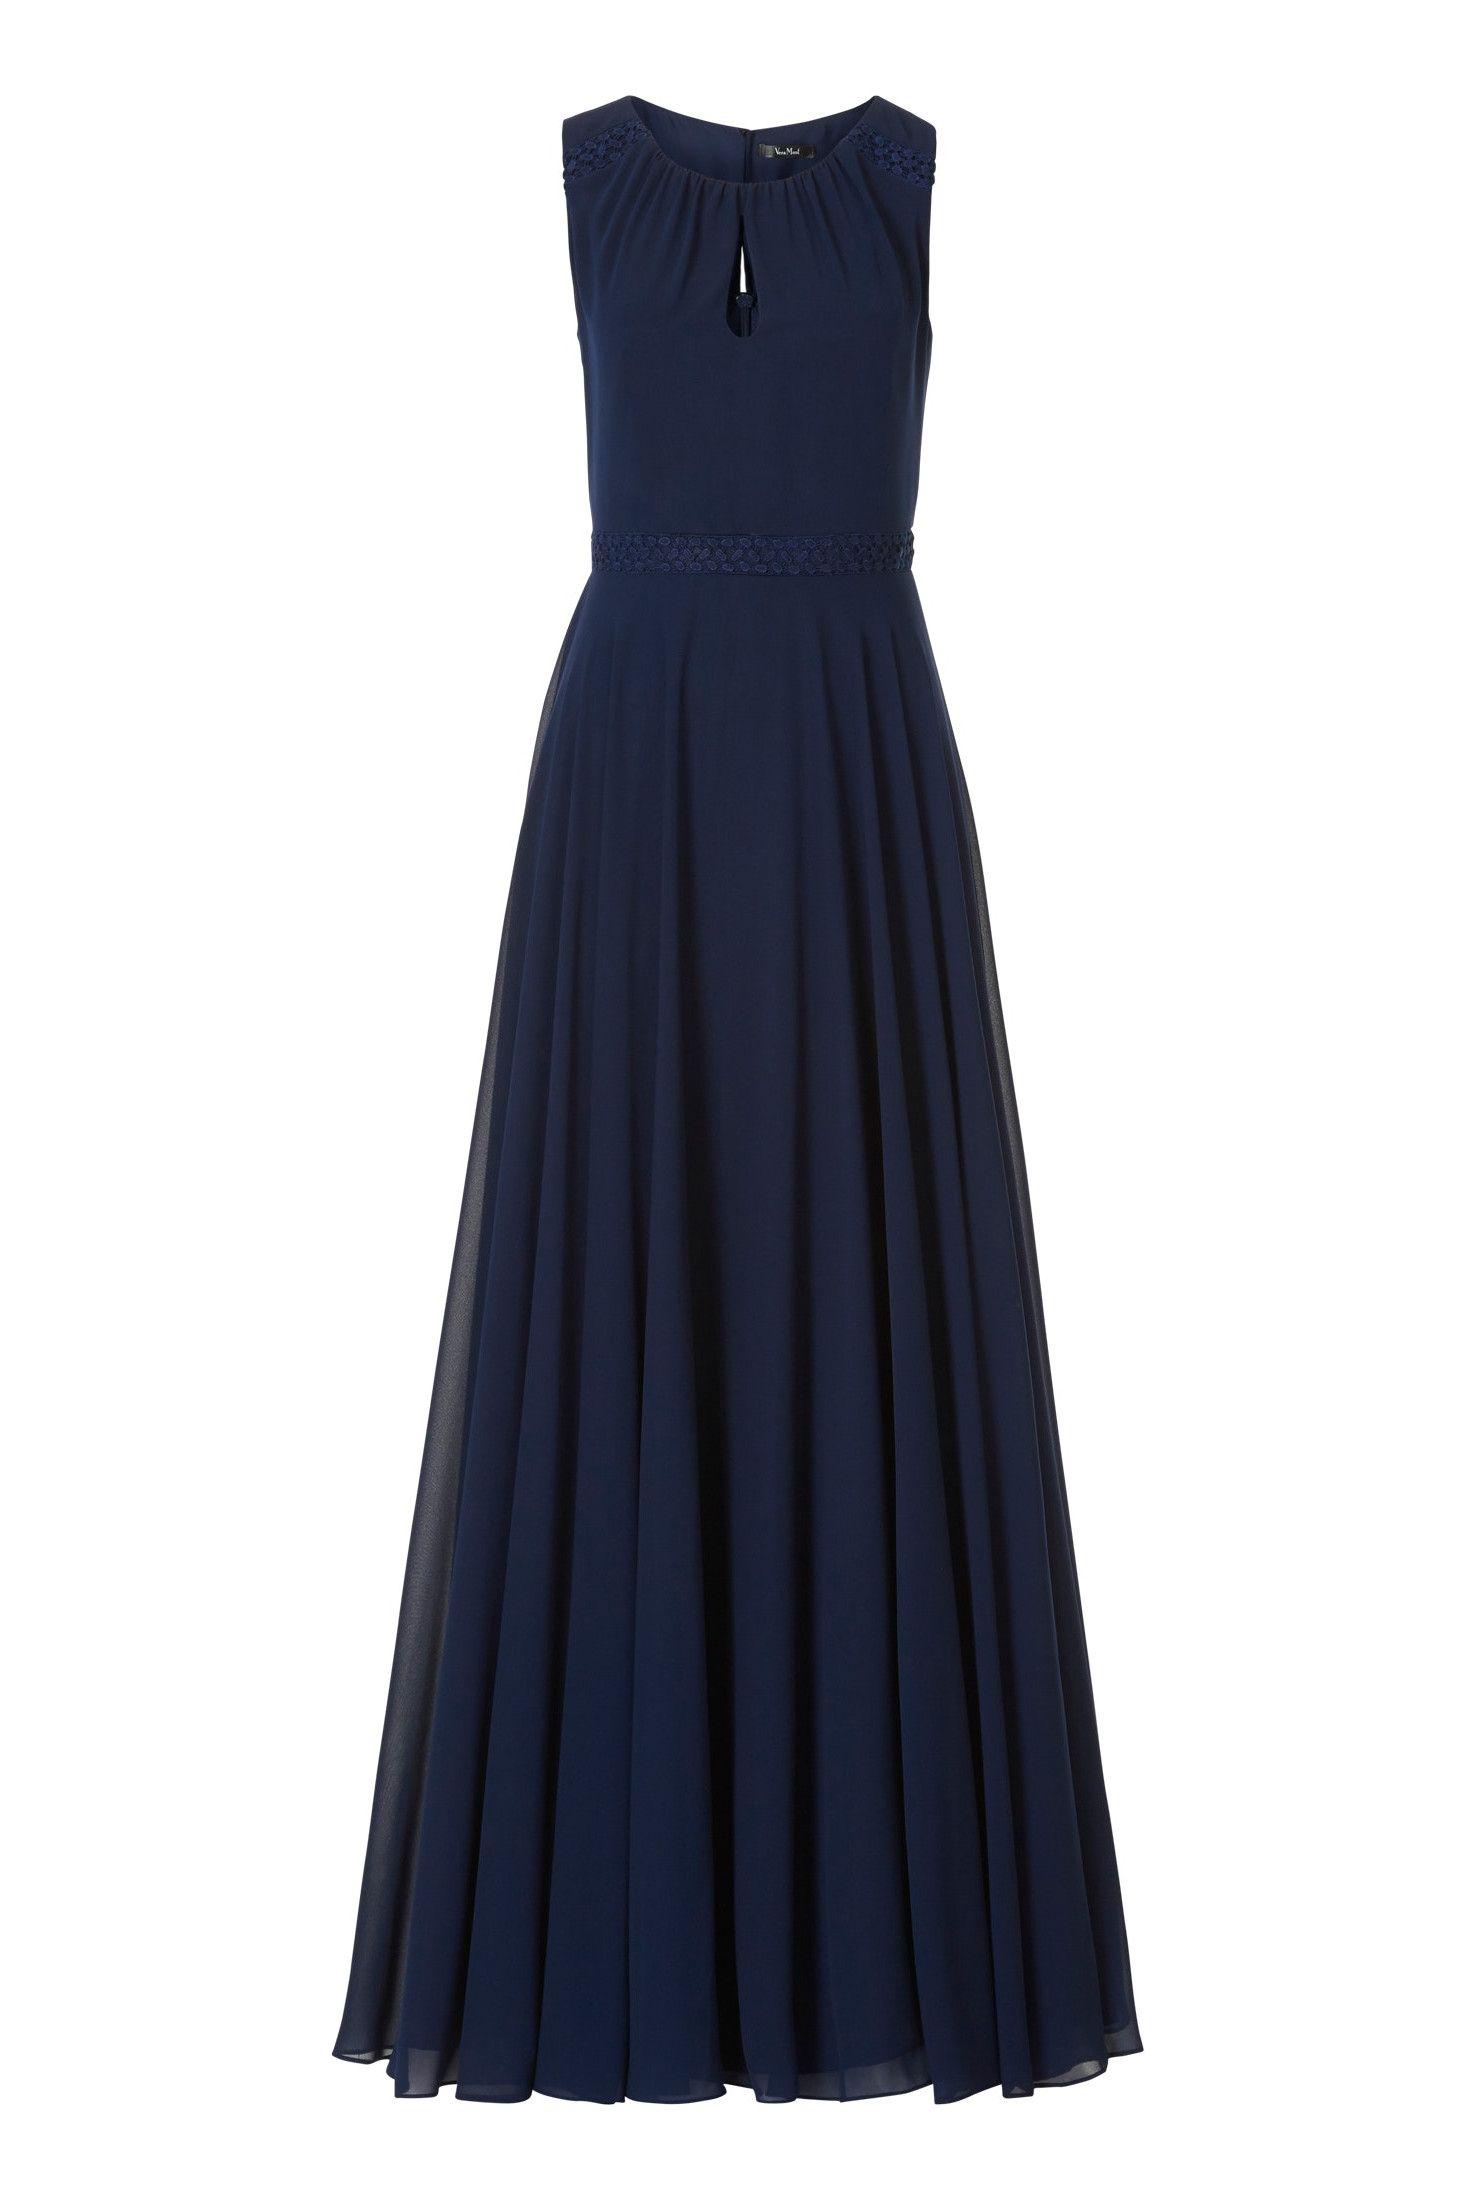 Abendkleid aus feinem Chiffon  Abendkleid, Kleider, Langes satinkleid